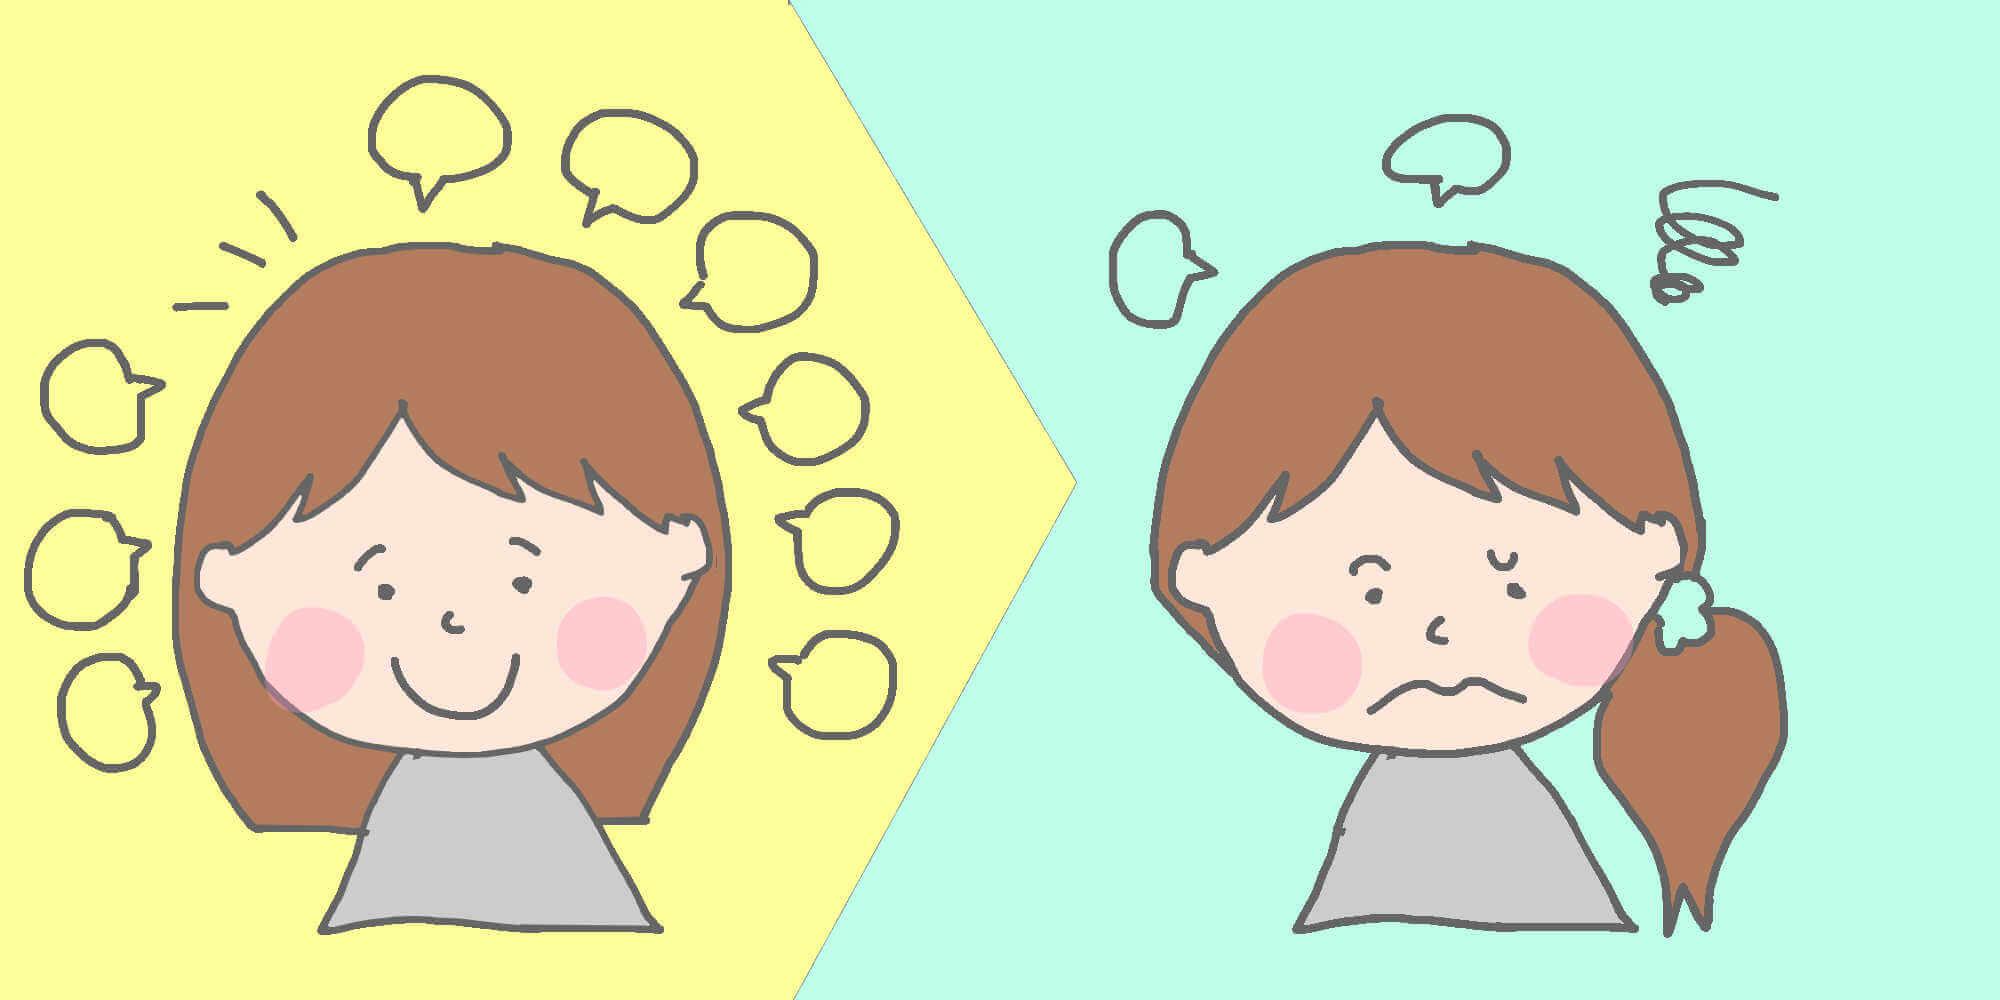 難聴者が健聴者以上に語彙を増やす方法!